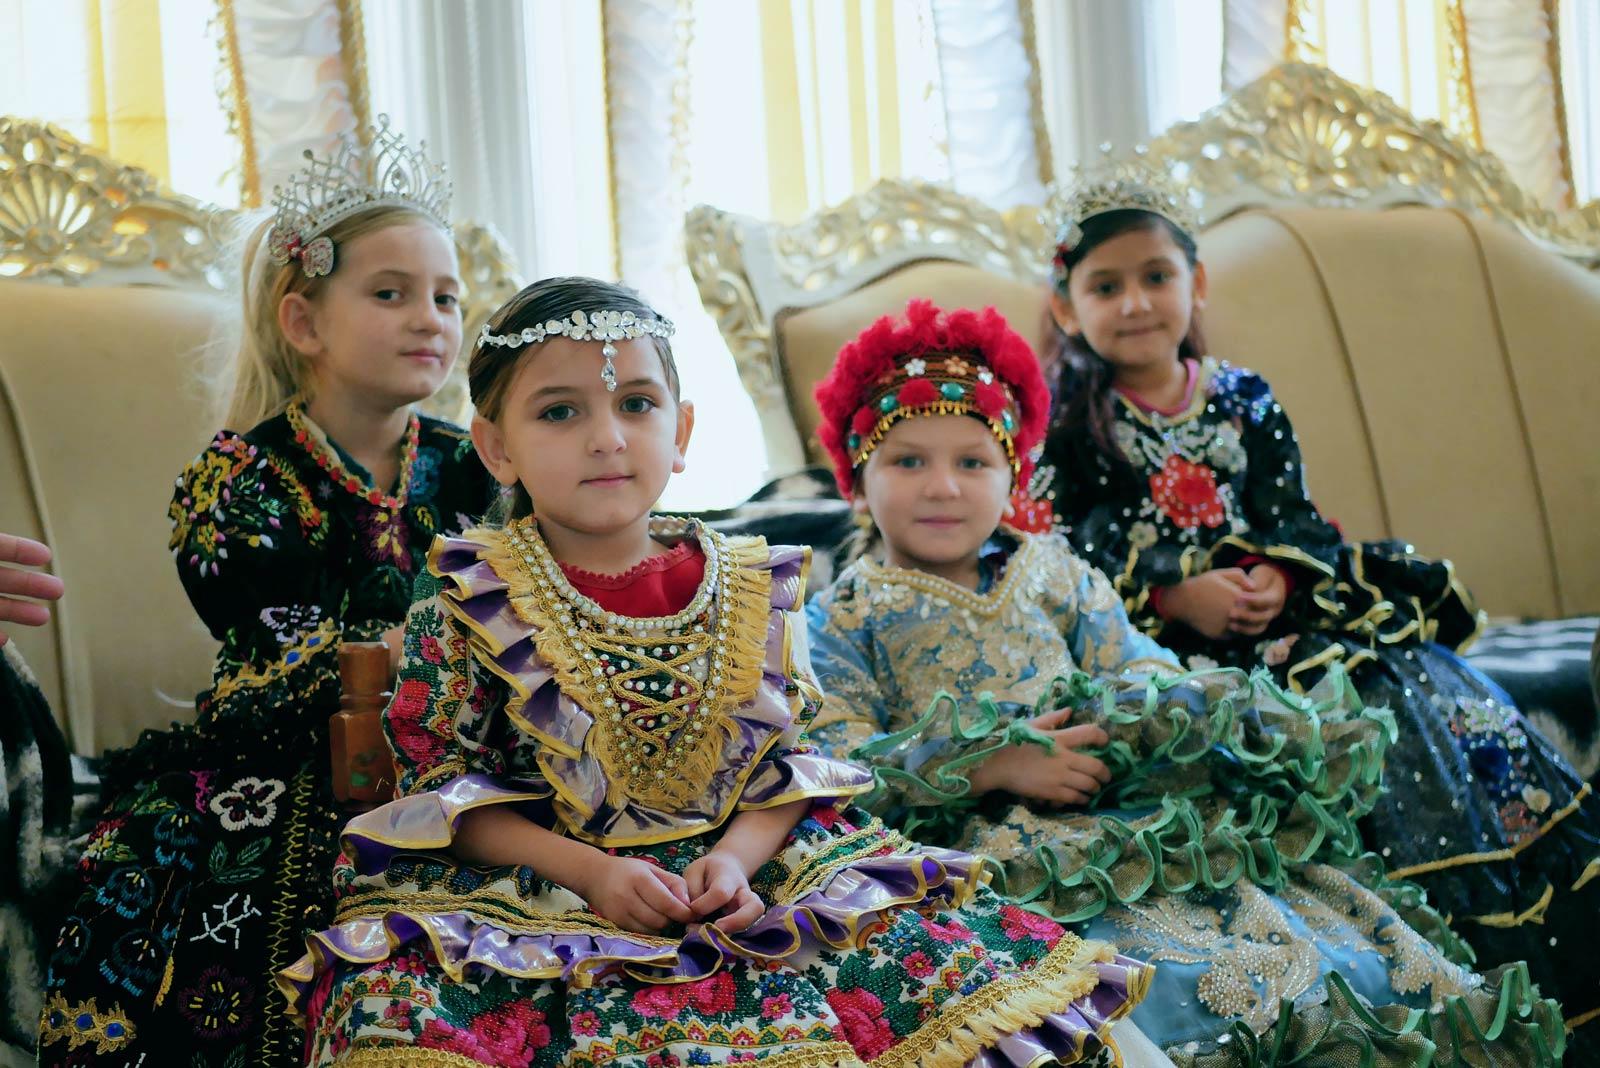 Мармур, айфони і позолота. Як живе найбагатше ромське село Закарпаття (фото,відео)